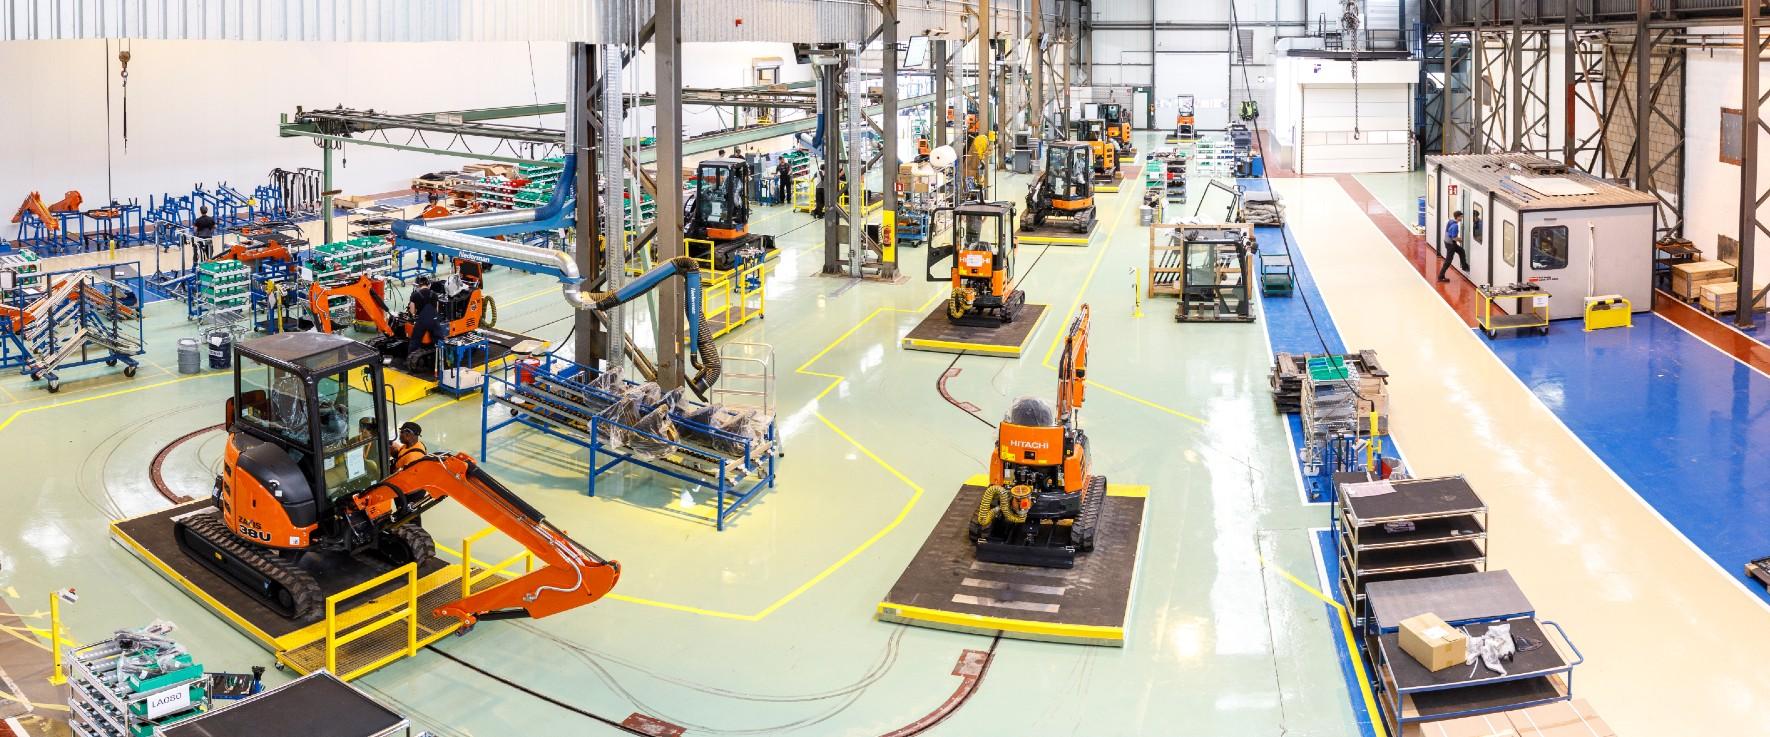 HCME Oosterhout factory